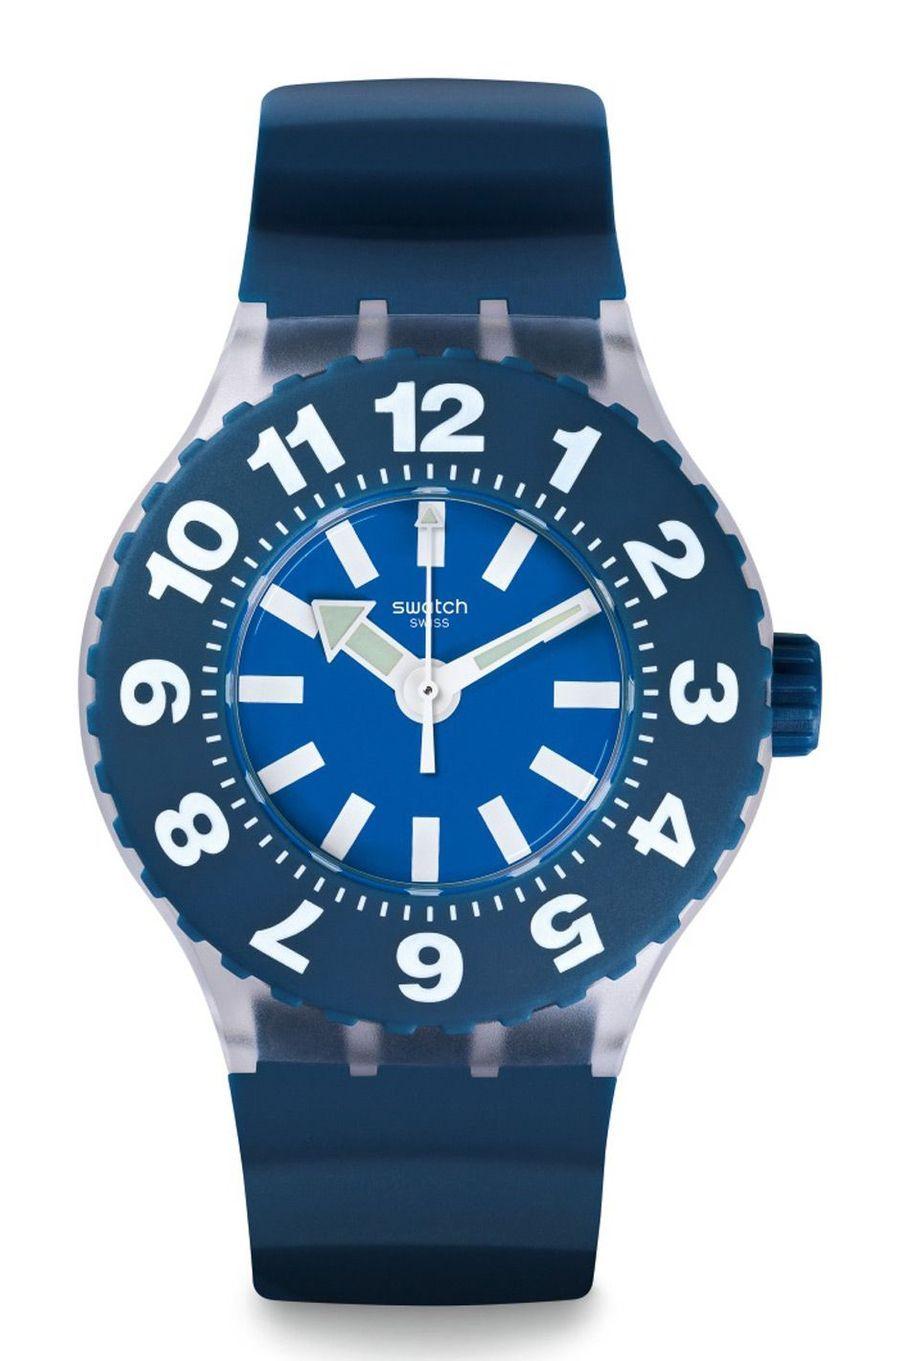 Die Blaue en plastique, 44 mm, mouvement à quartz, bracelet en silicone. Swatch. 88 €.